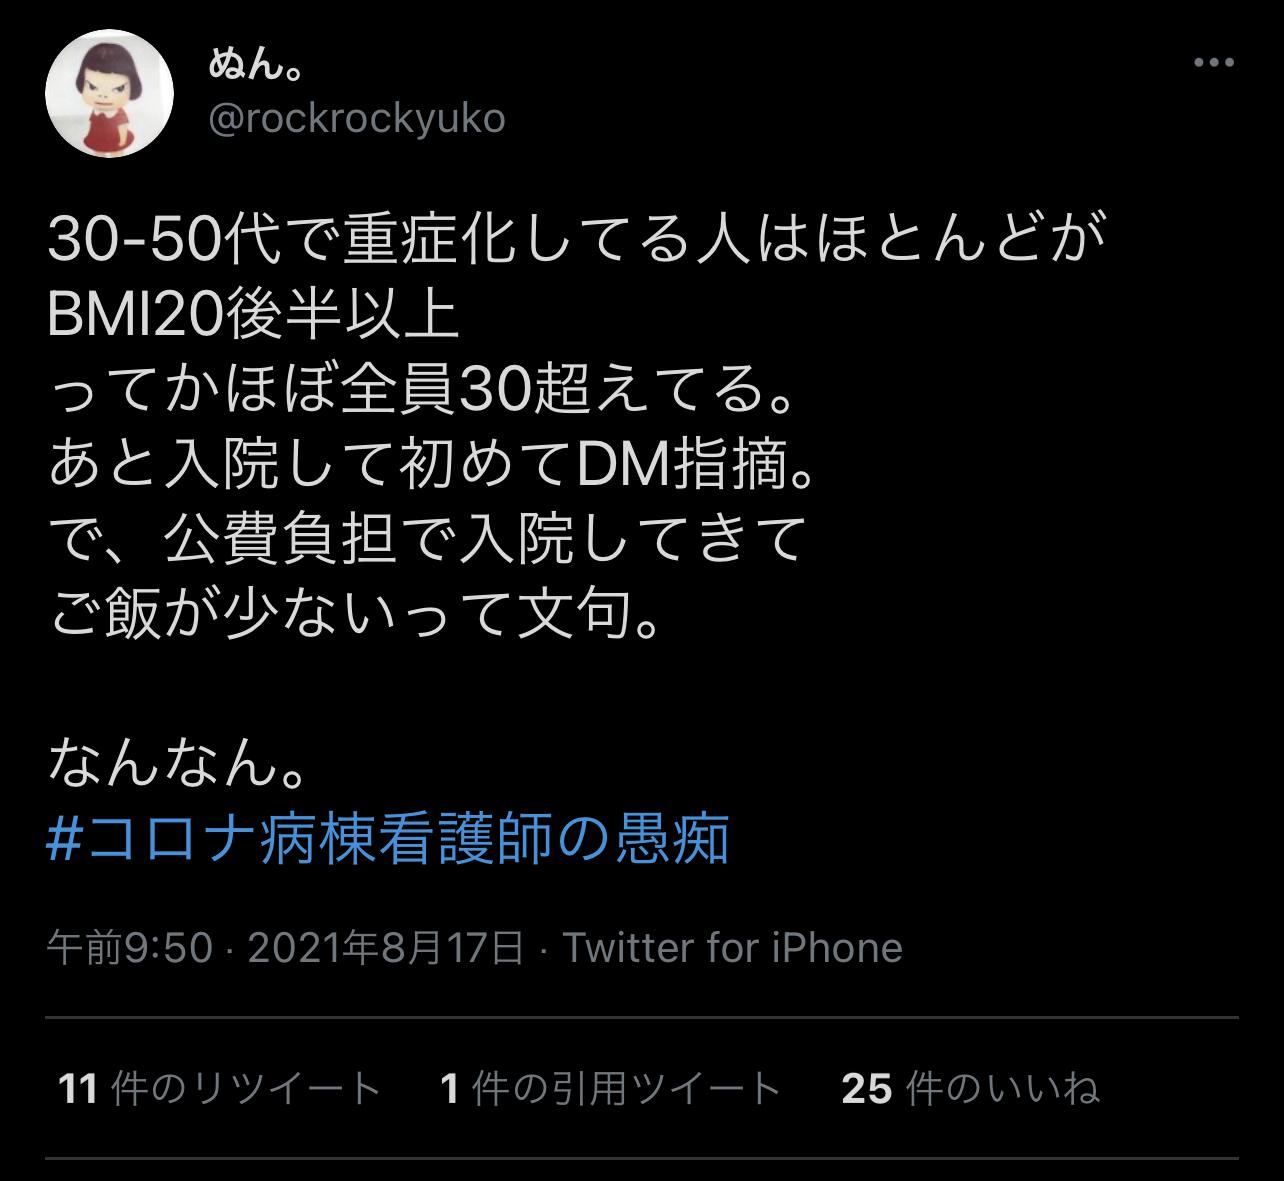 【緊急】日本型変異株を初確認 デルタ株「L452R」変異に加えアルファ株に似た「N501S」変異が発生 すでに市中感染